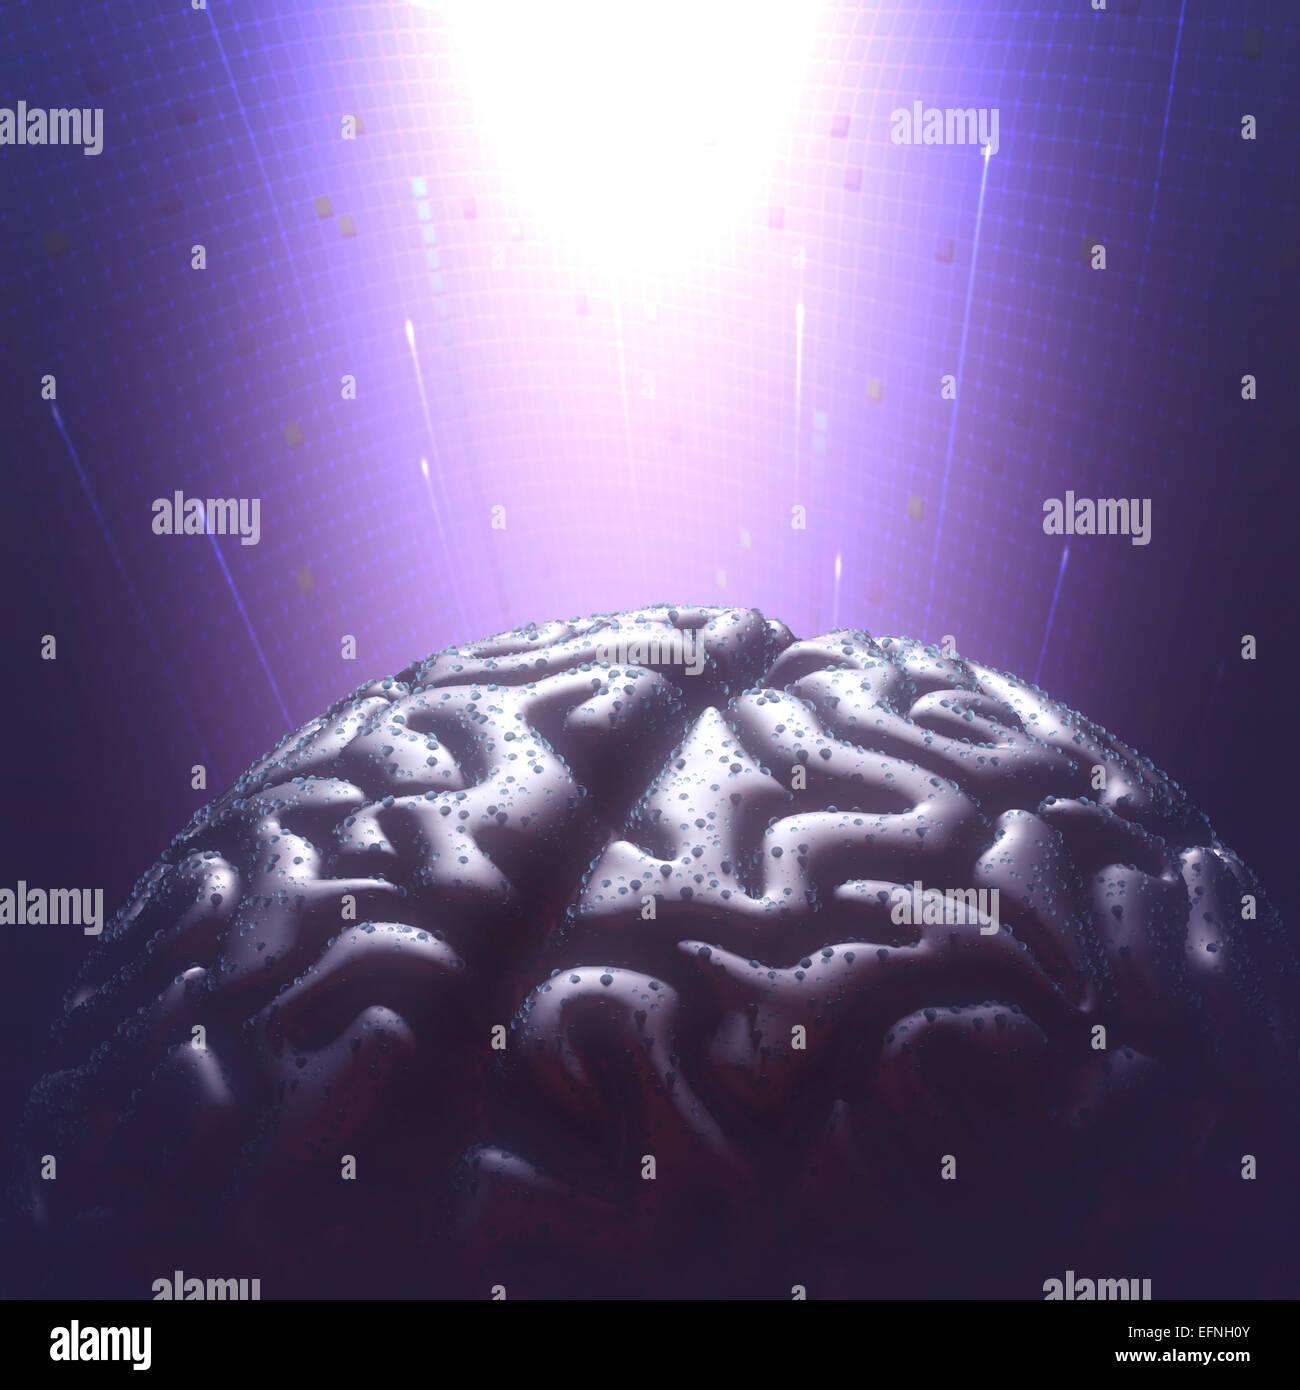 Metall Gehirn mit Regen Tröpfchen in einer dunklen Umgebung. Kopieren Sie Raum und Clipping-Pfad enthalten. Stockbild